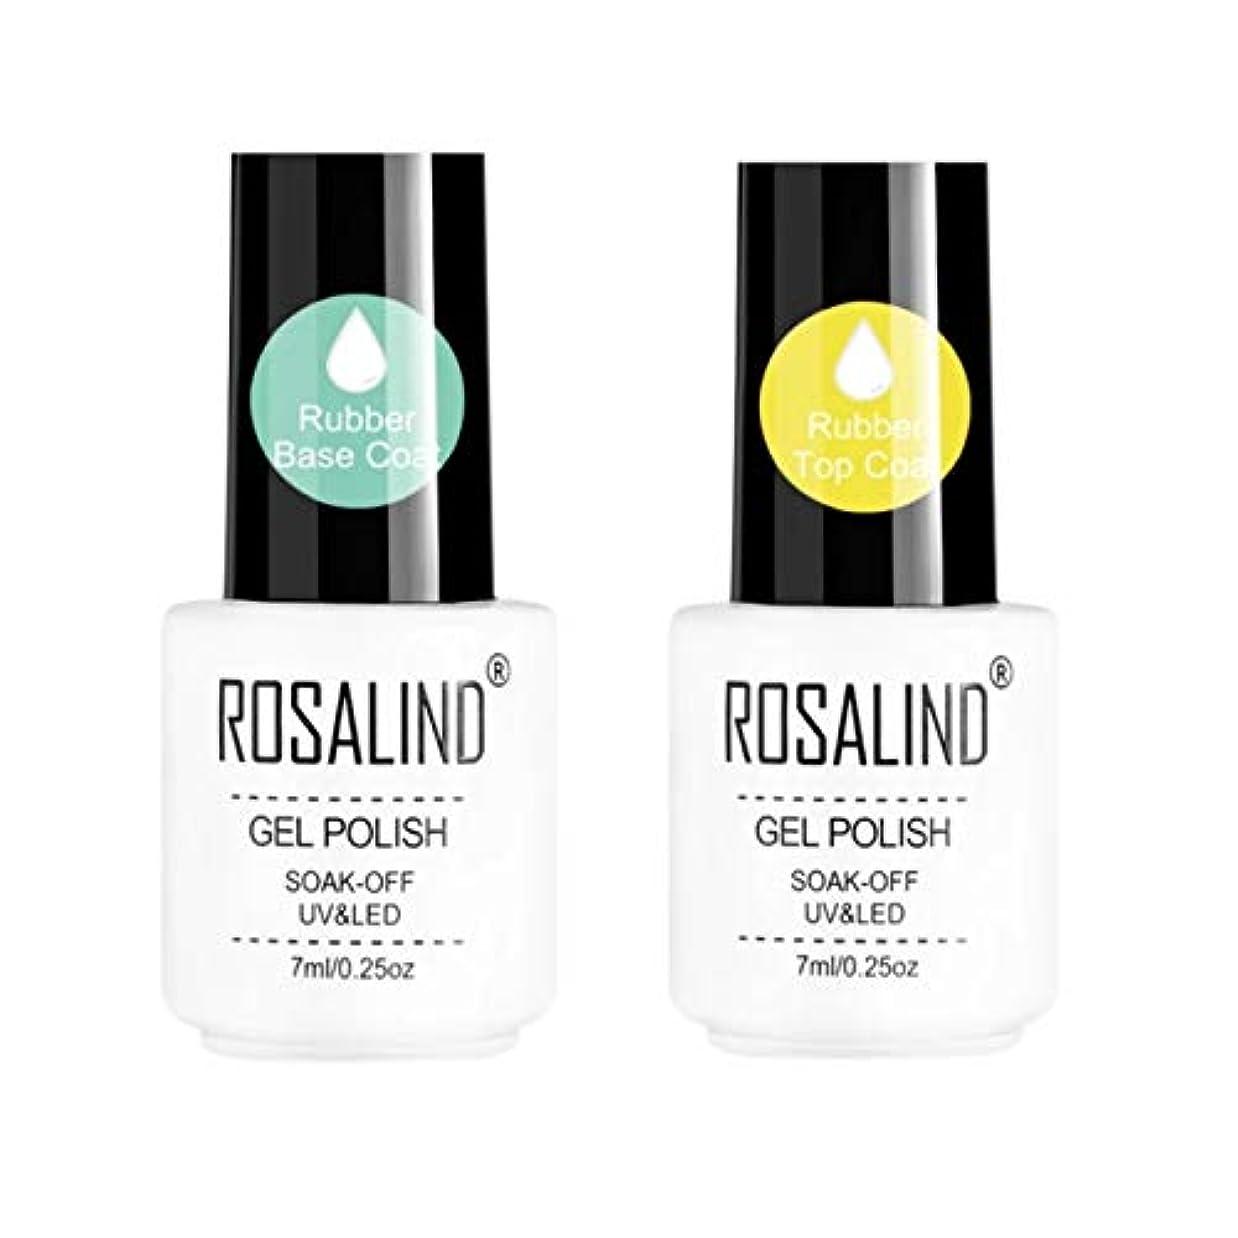 インシュレータいとこ赤外線カラー長持ち【ROSALIND】ノンワイプ ラバーベースコート&ラバートップコートセット 爪を傷めず色素沈着防止